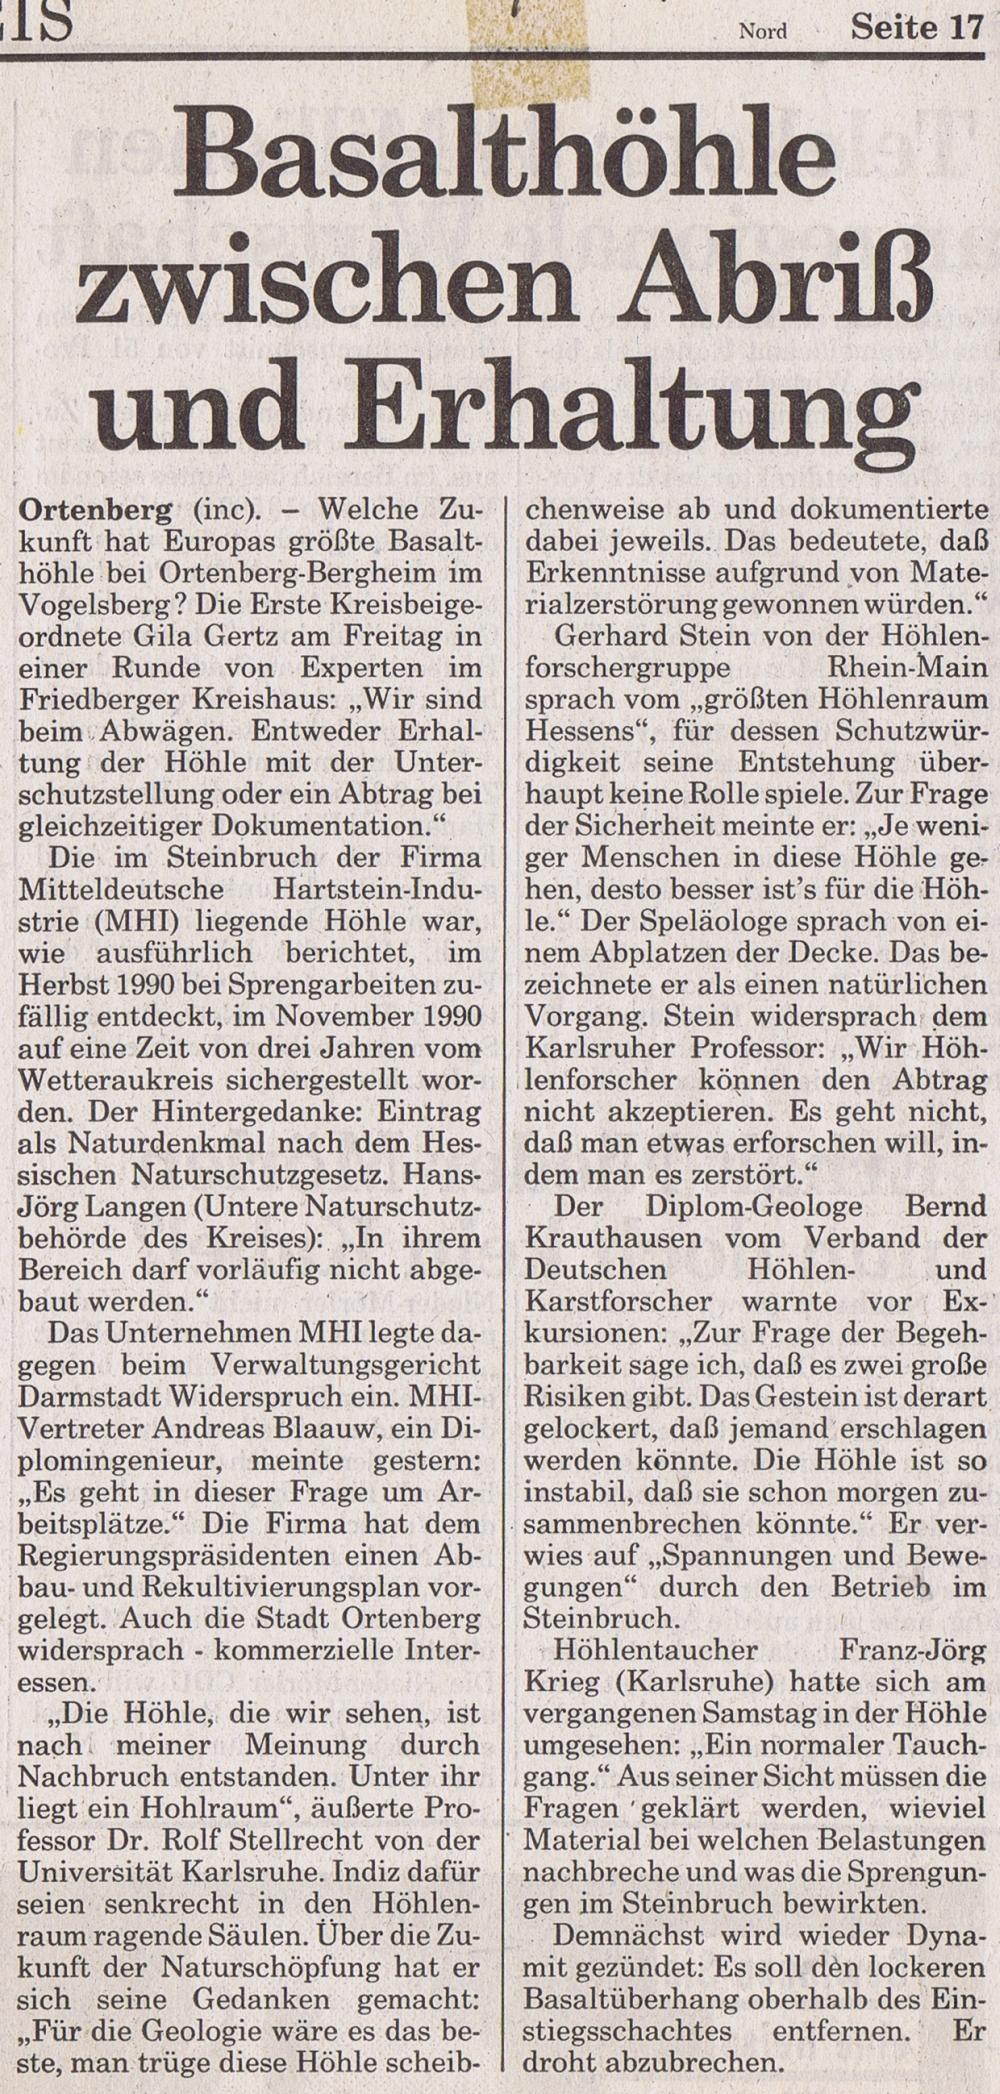 19910223_print_Frankfurter-Neue-Presse_Basalthoehle-zw-Abriss+Erhaltung